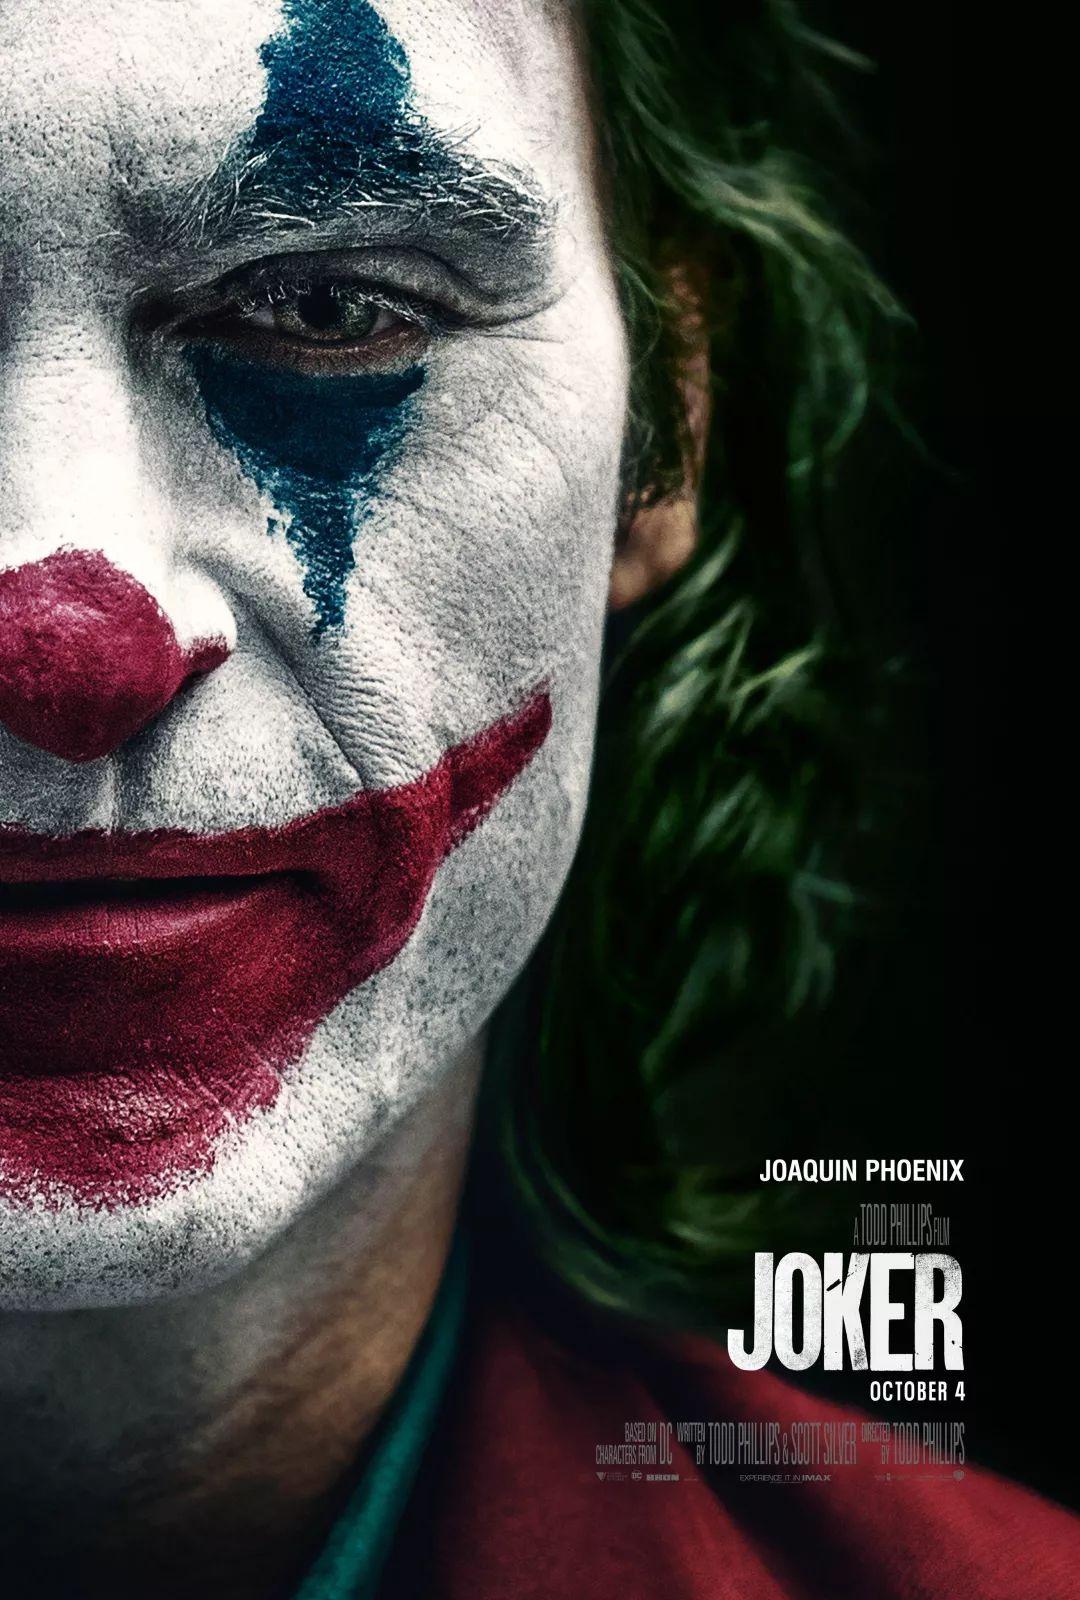 '小丑'的缩略图